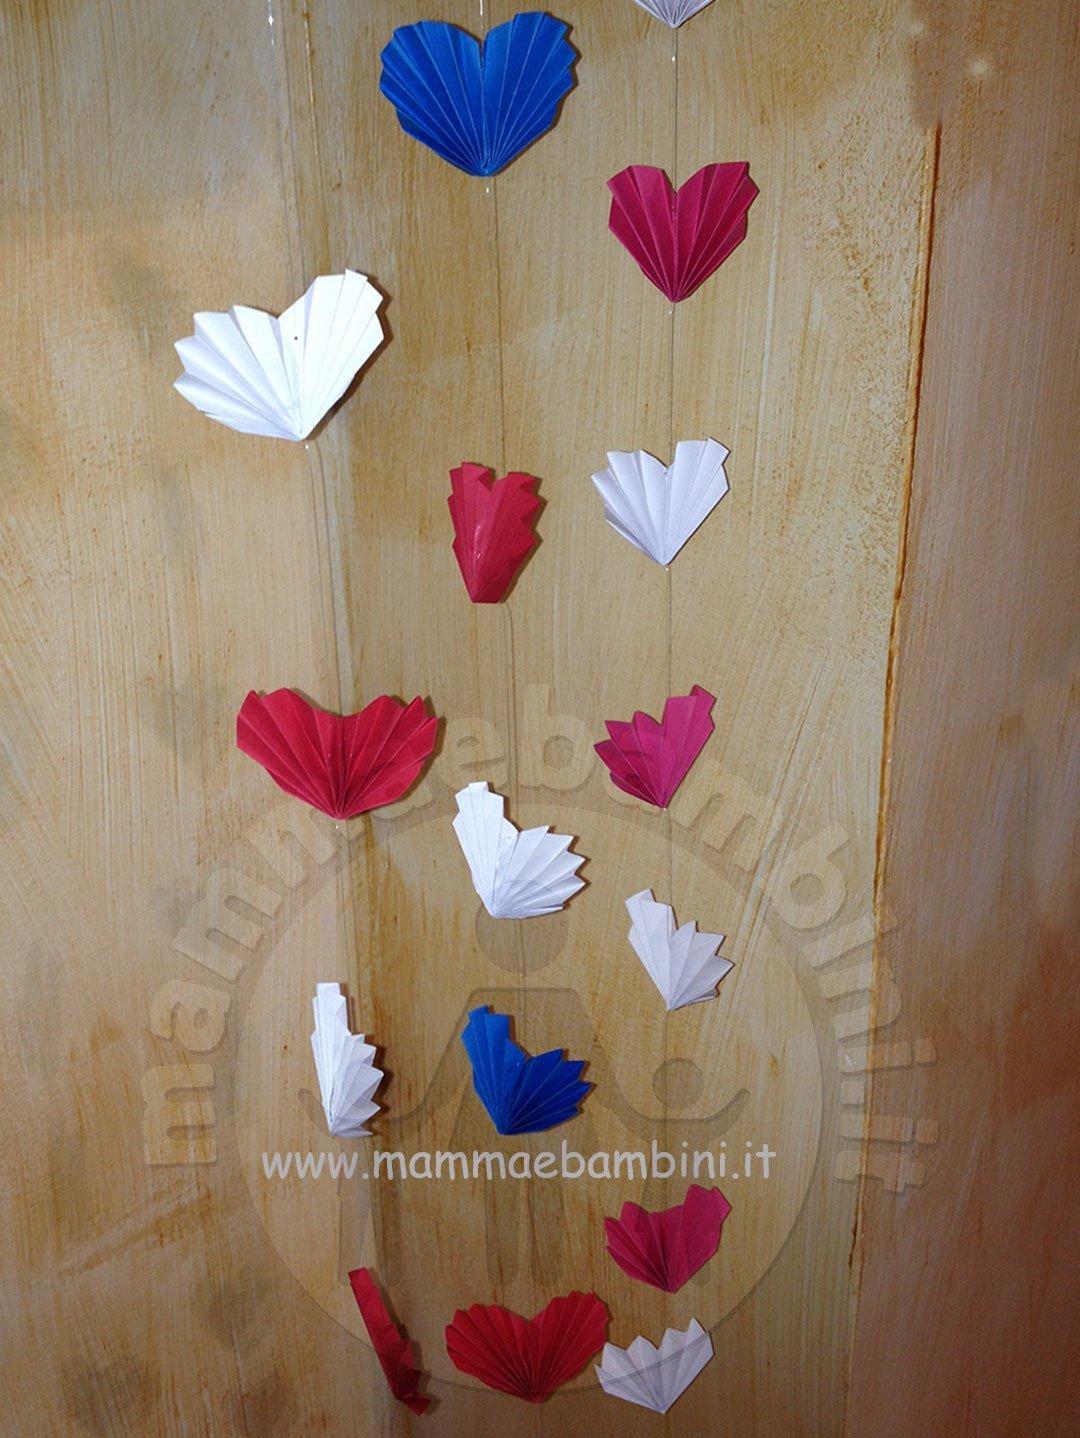 Decorazioni da appendere con cuoricini mamma e bambini for Decorazioni da appendere al soffitto